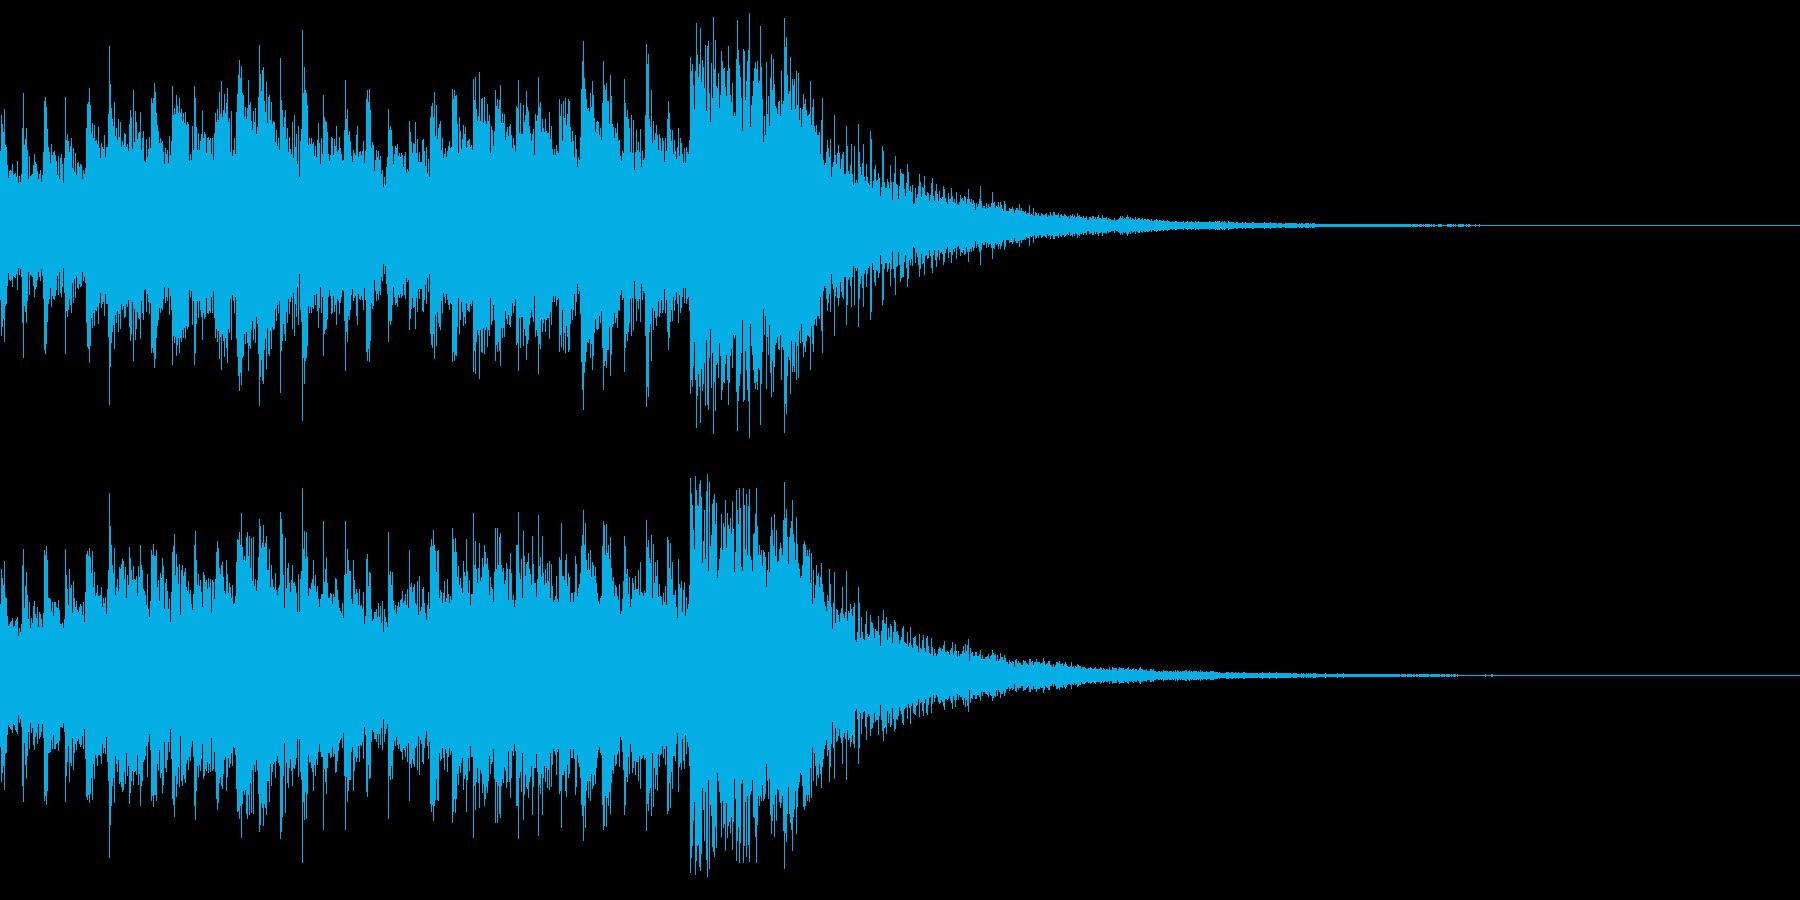 ジングル 三味線 着信音 和風 大喜利の再生済みの波形